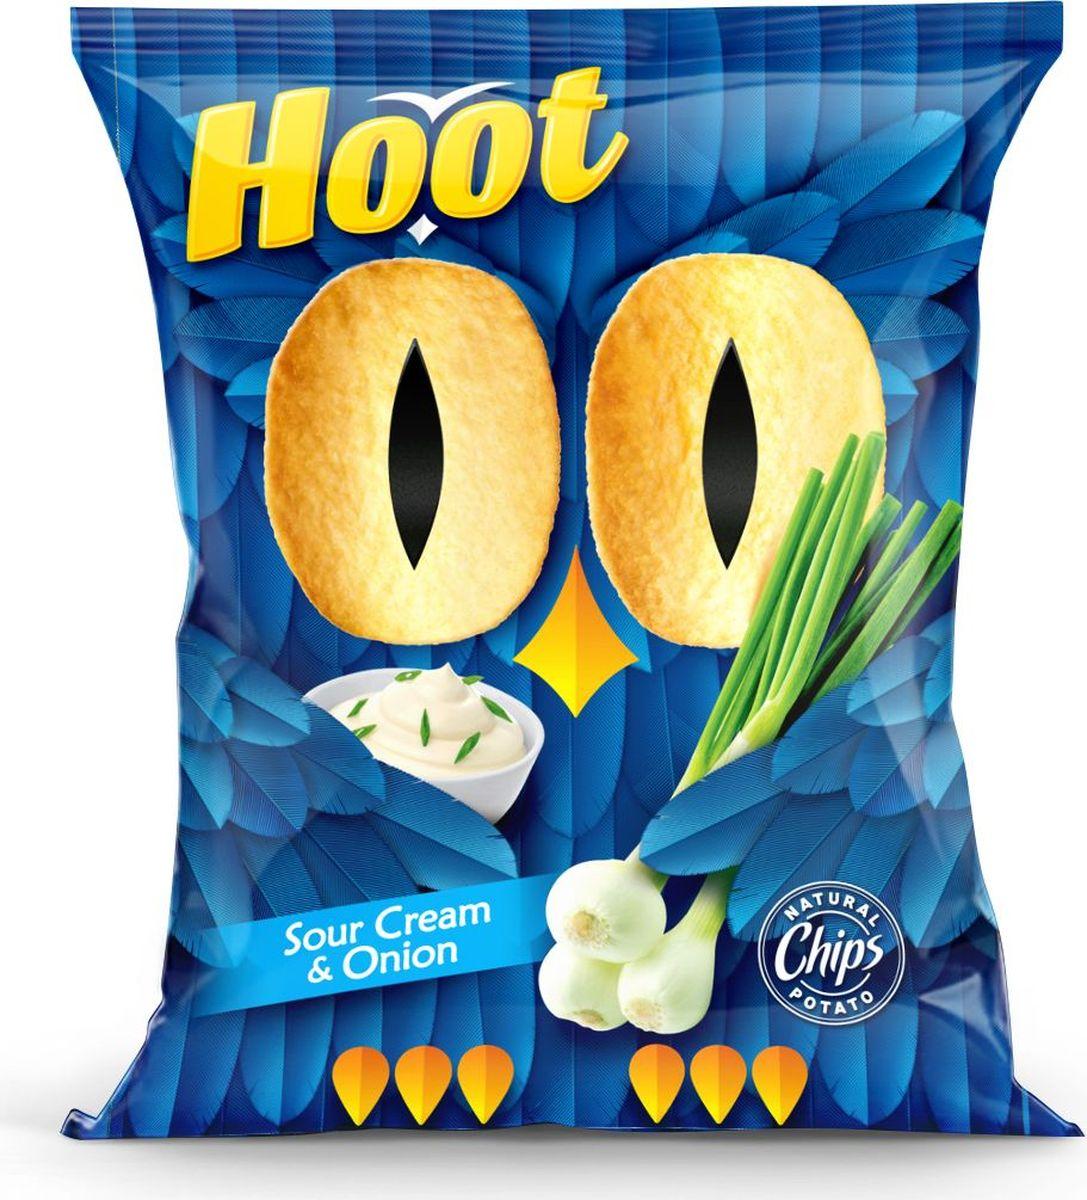 Hoot Чипсы, сметана-лук, 70 г lorenz pomsticks картофельные чипсы со вкусом сметаны и специй 100 г